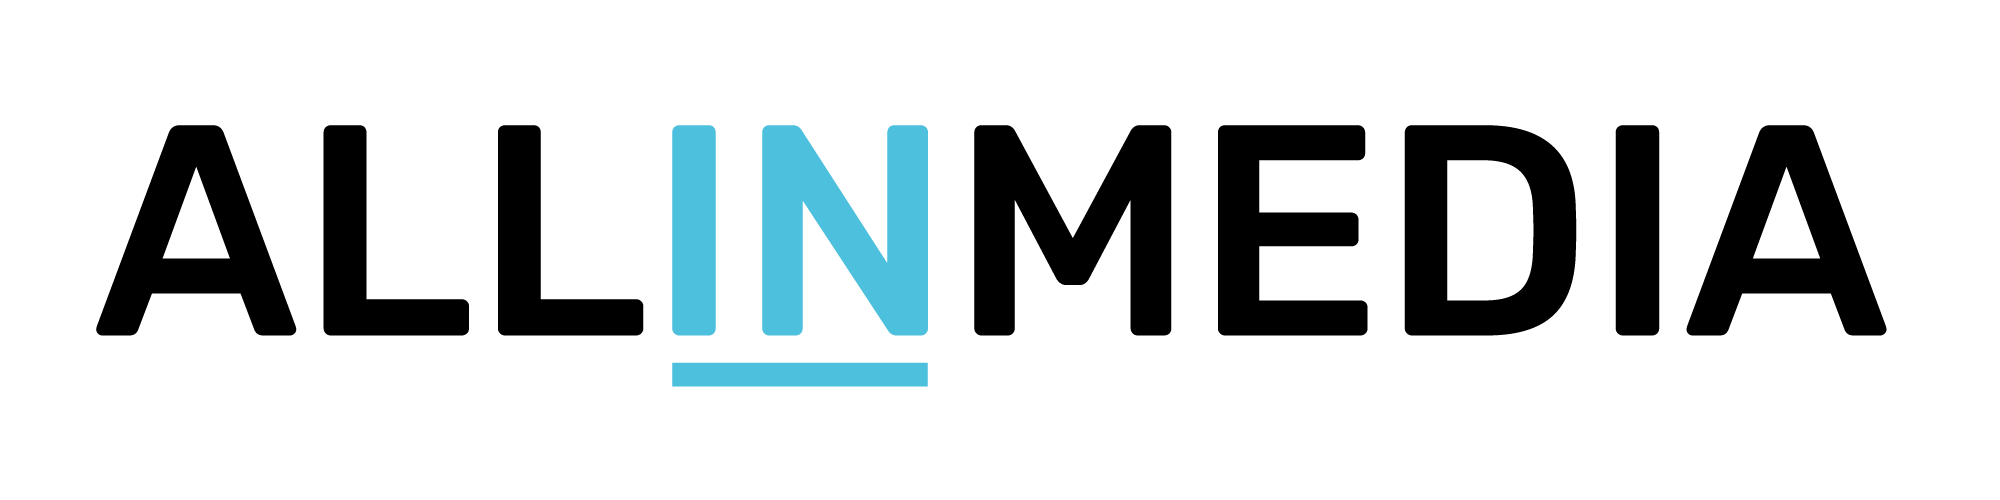 ALL IN MEDIA - Digital Agency Thun Bern Interlaken